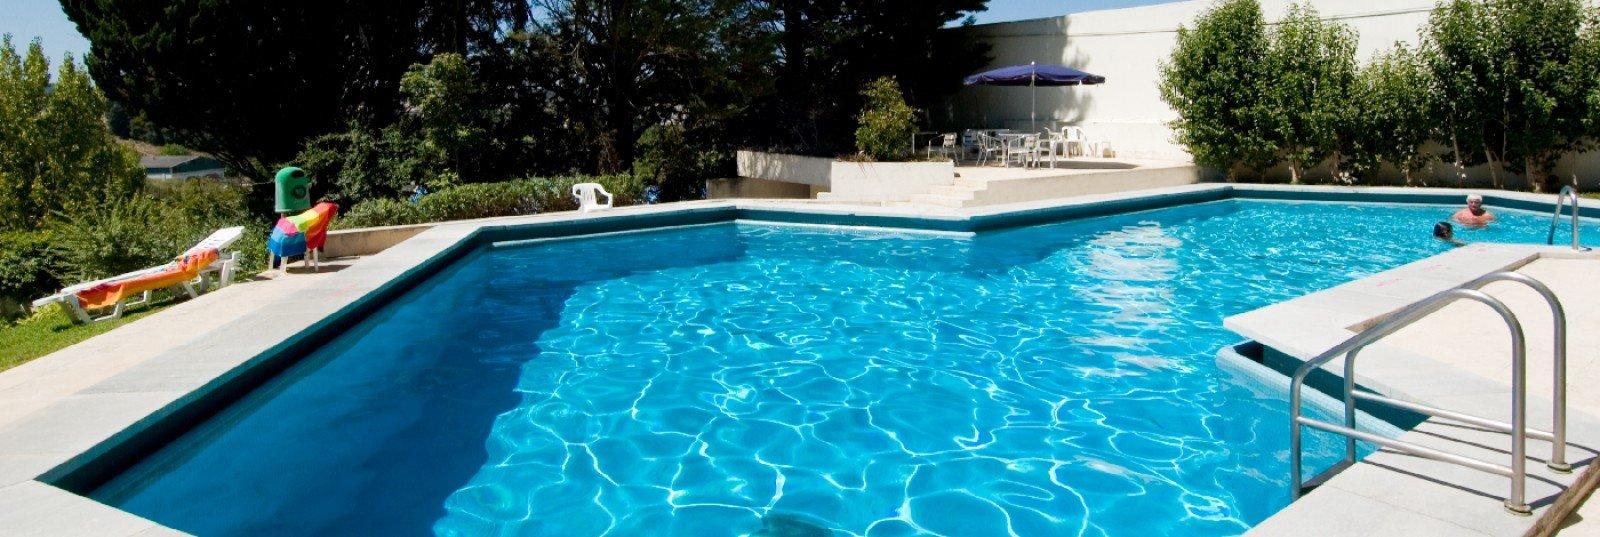 Hotel Eurosol Leiria pool